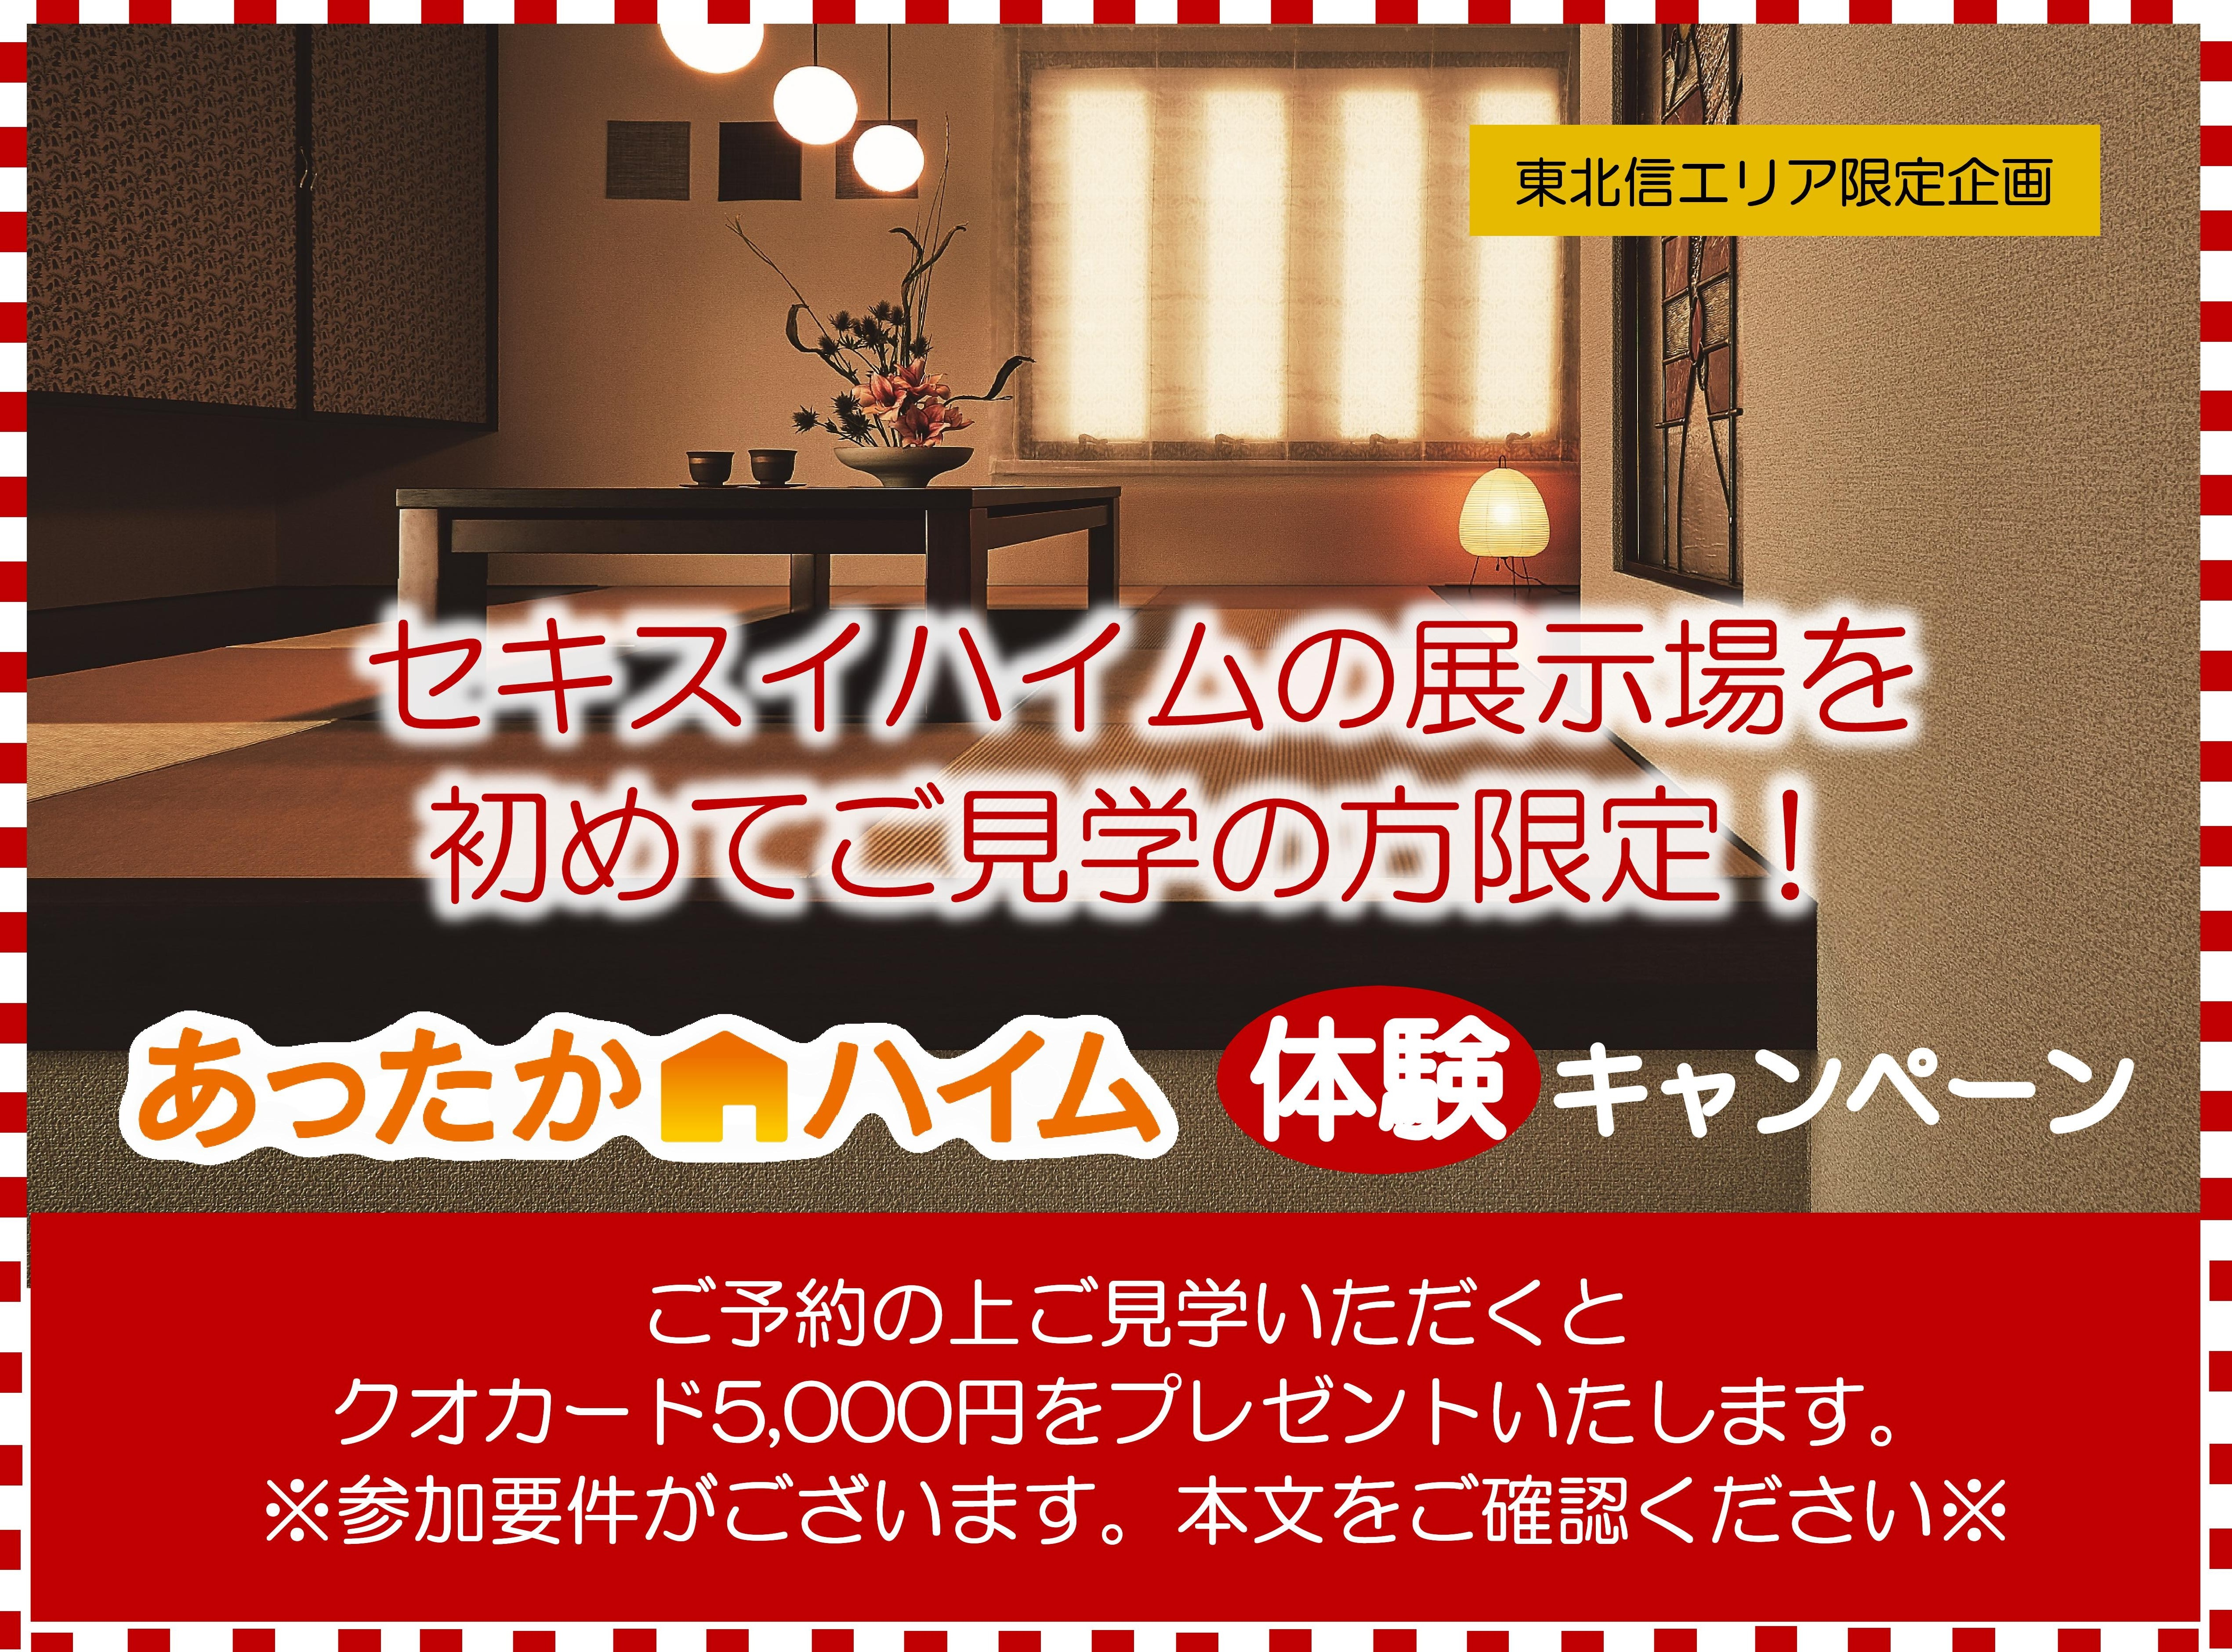 クオカード5,000円プレゼント! <あったかハイム体験キャンペーン>